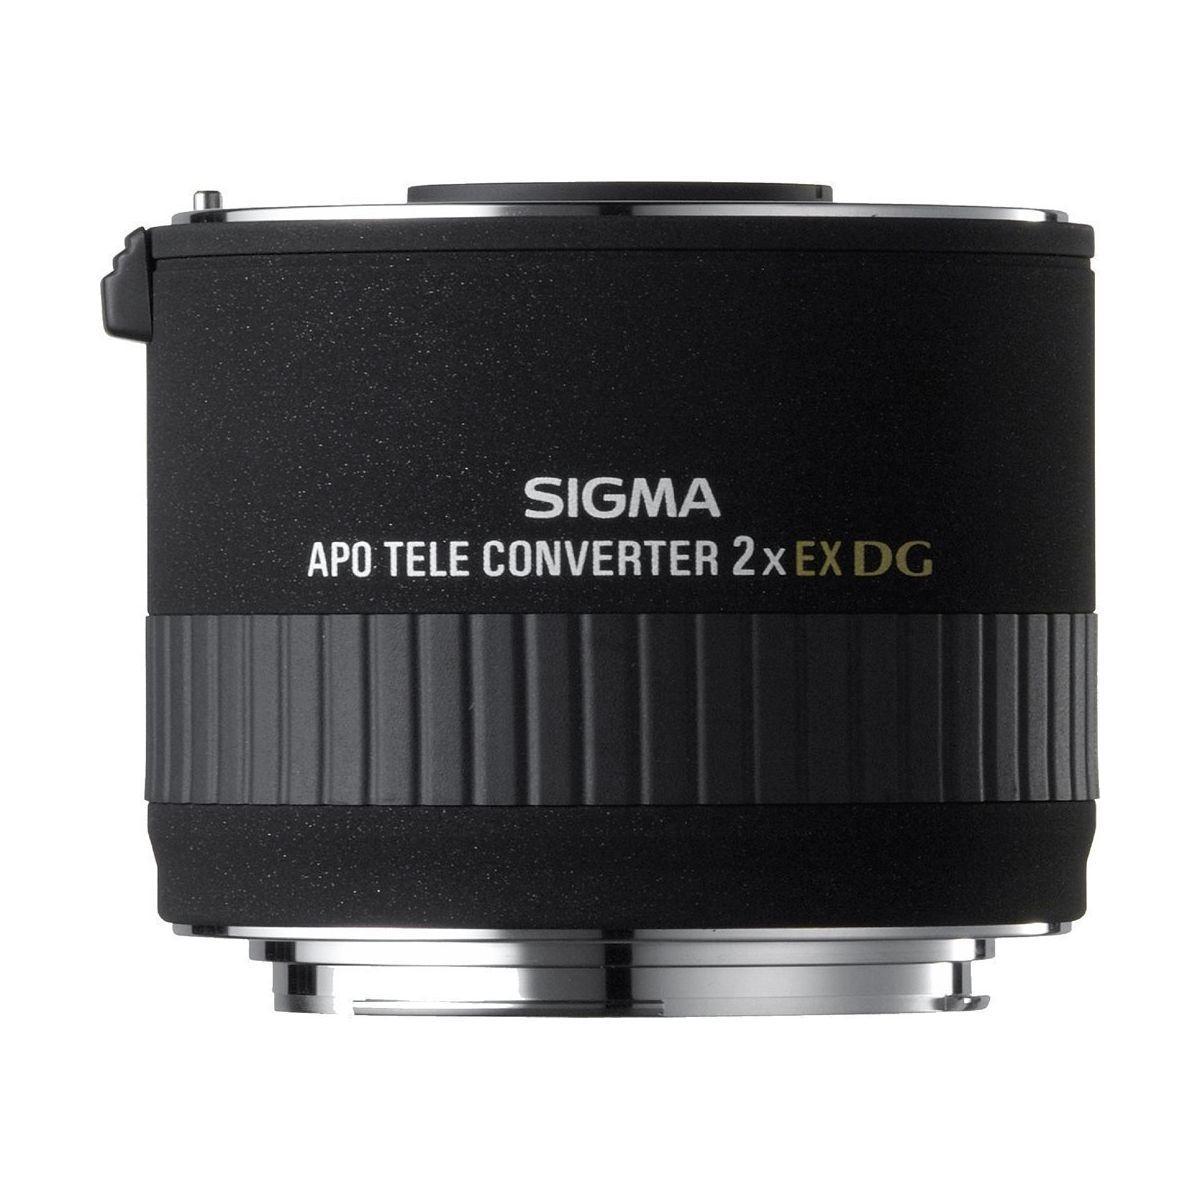 Objectif pour reflex plein format sigma t?l?convertisseur 2x a...